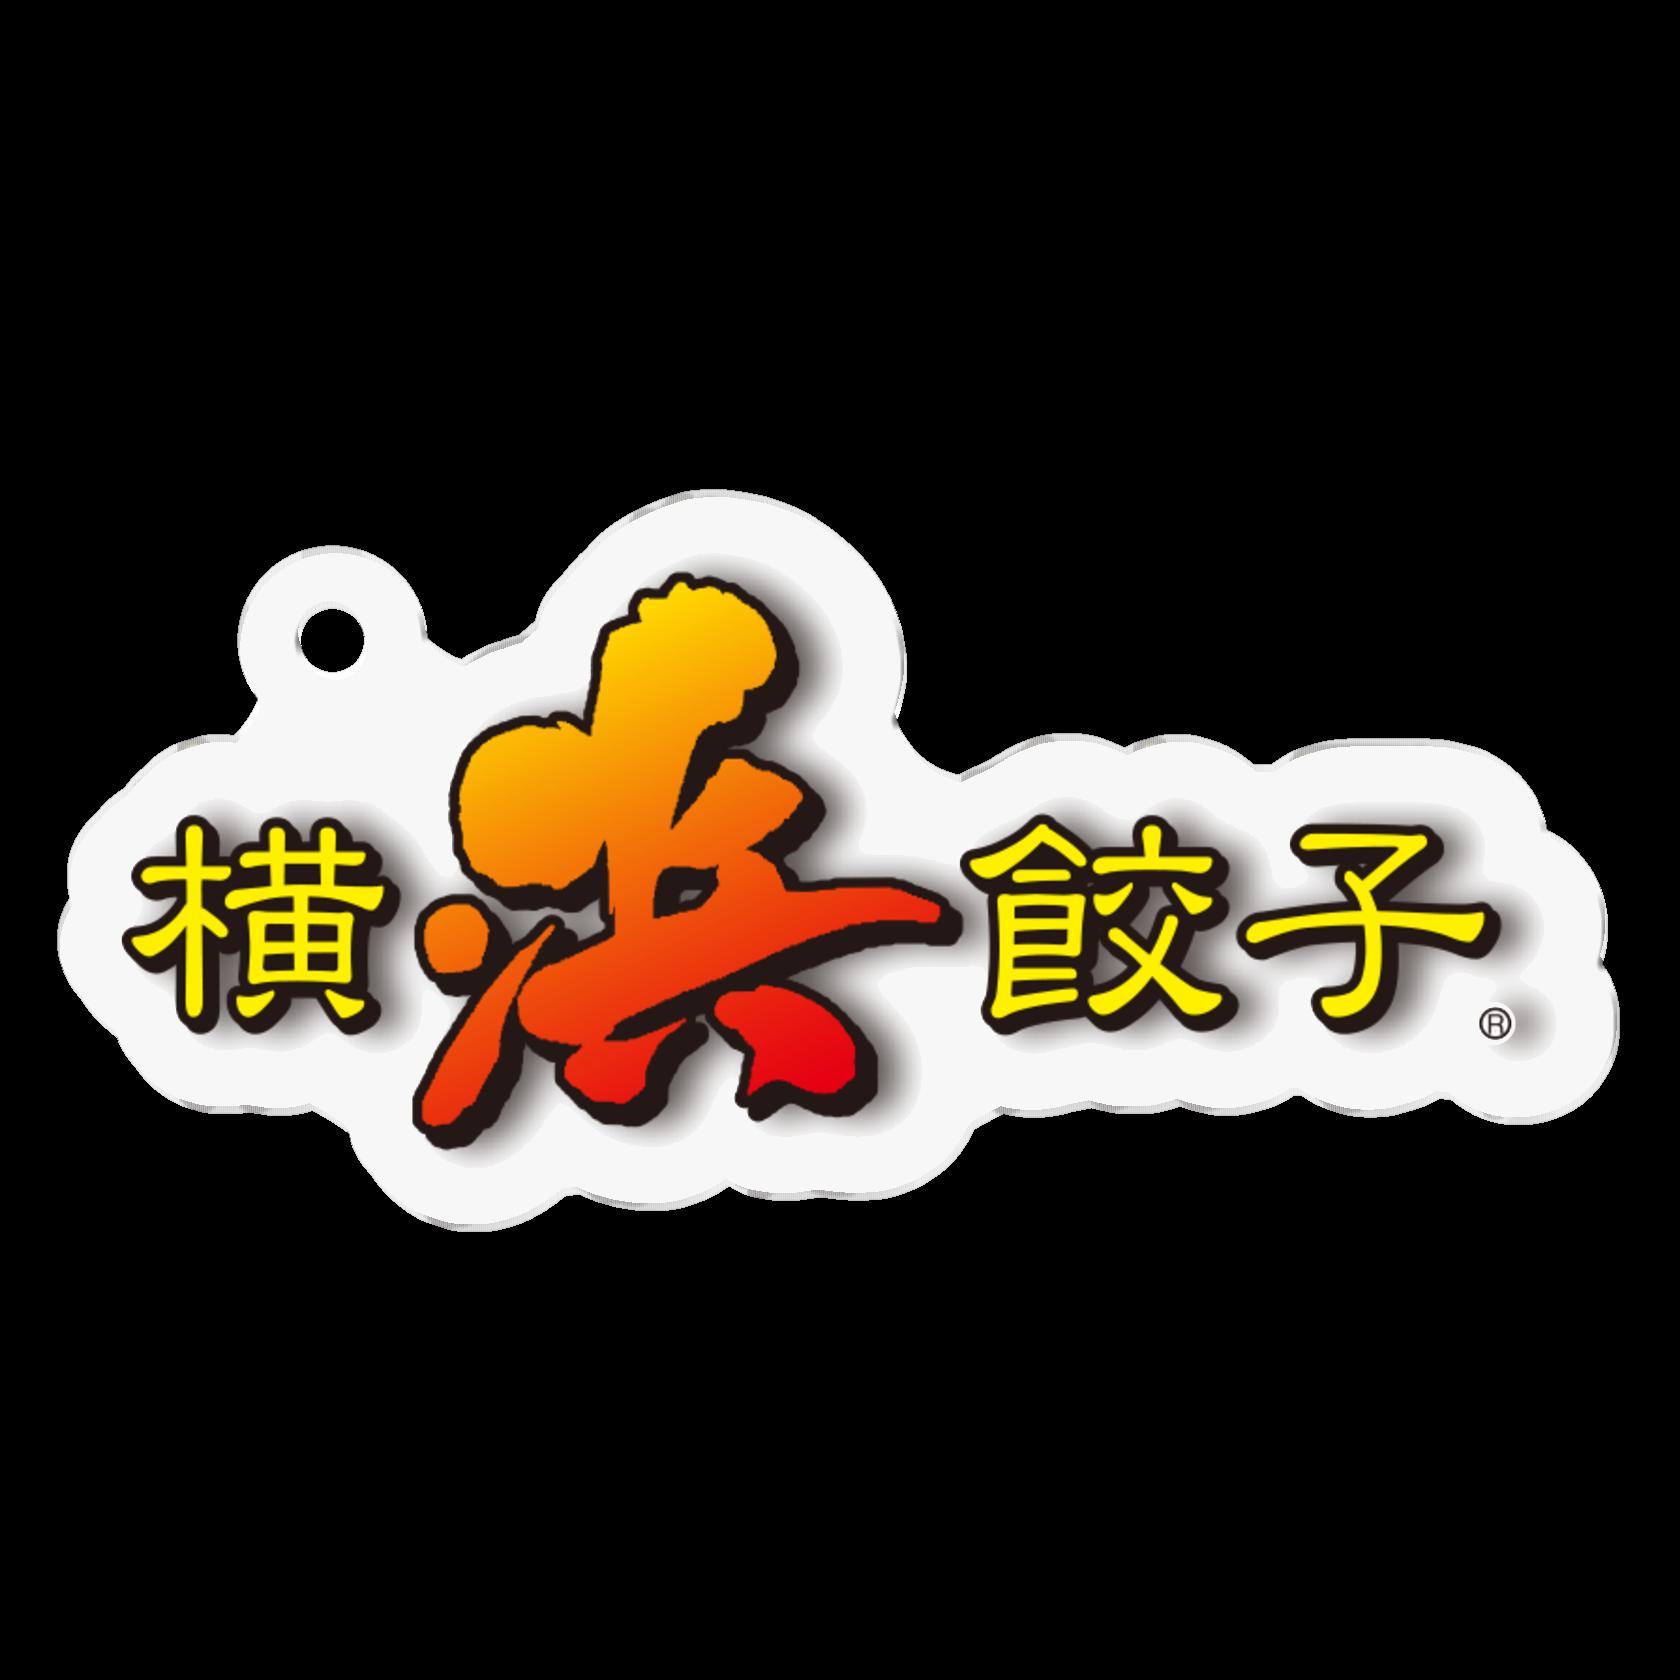 横浜餃子オリジナルキーホルダー